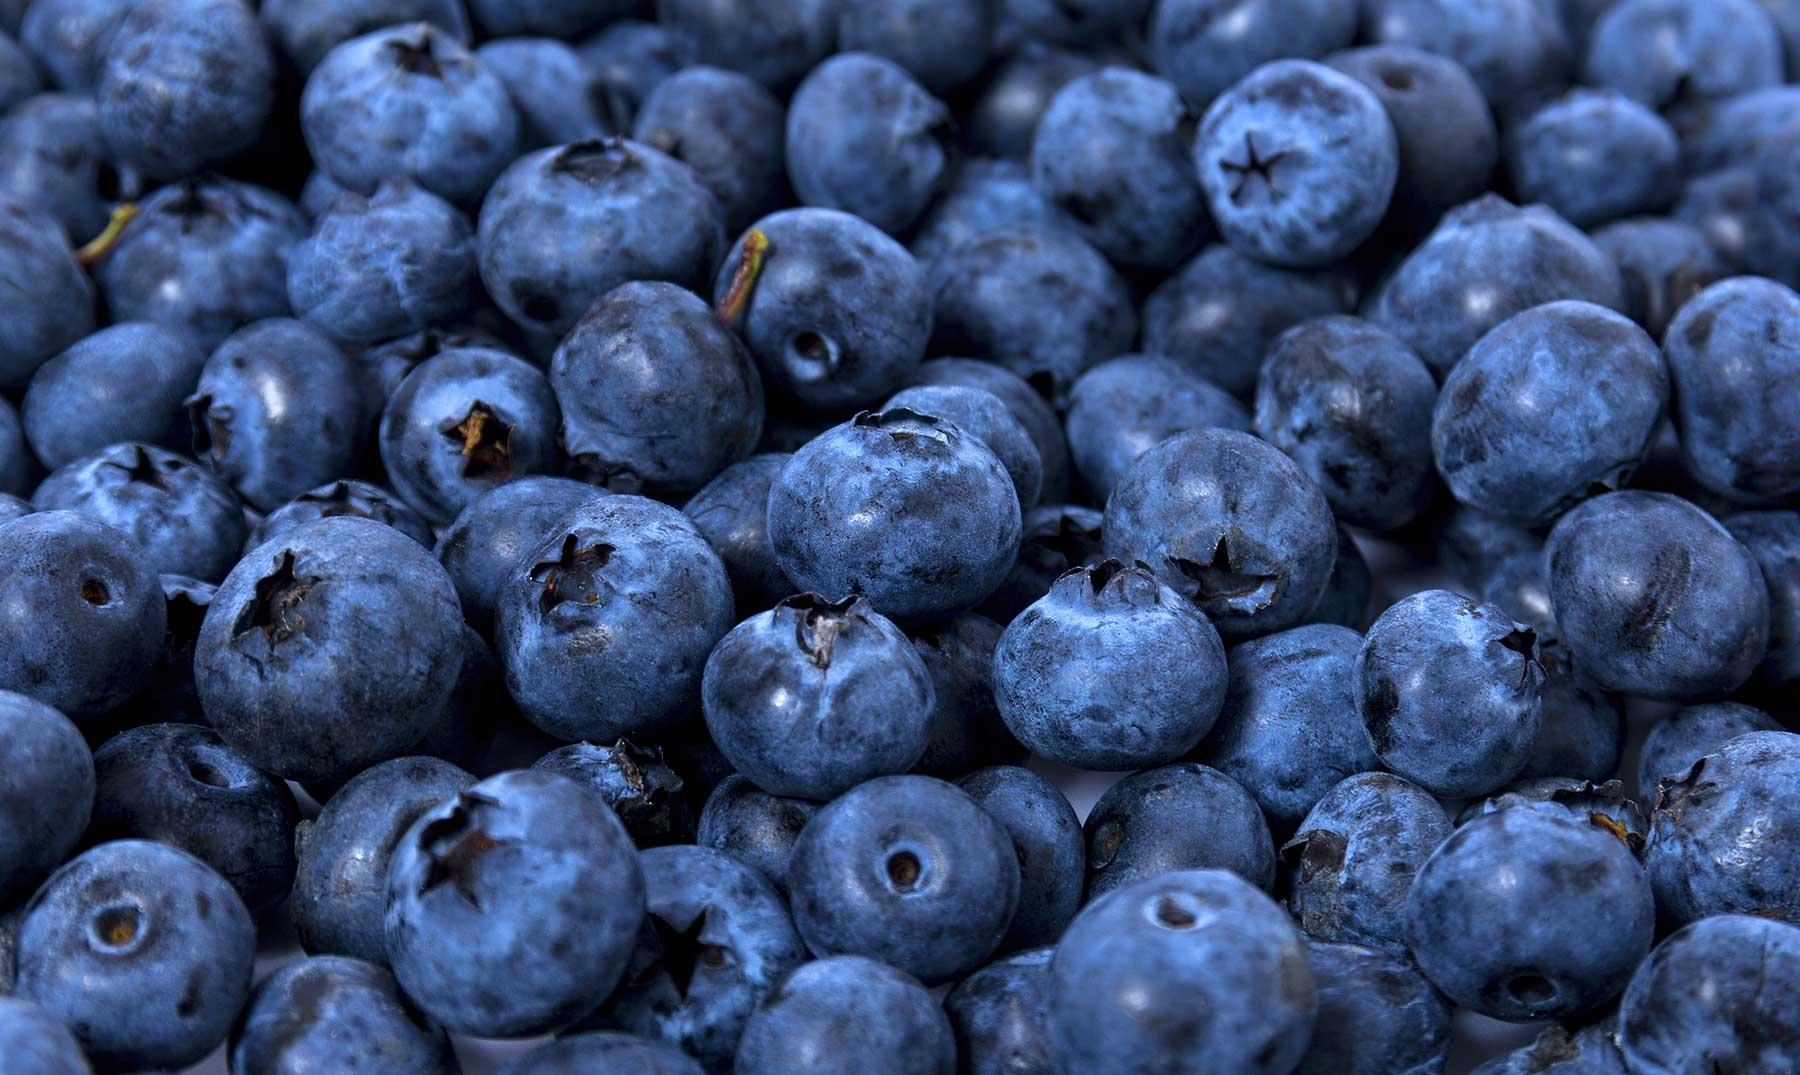 Beneficios de los arándanos para la salud